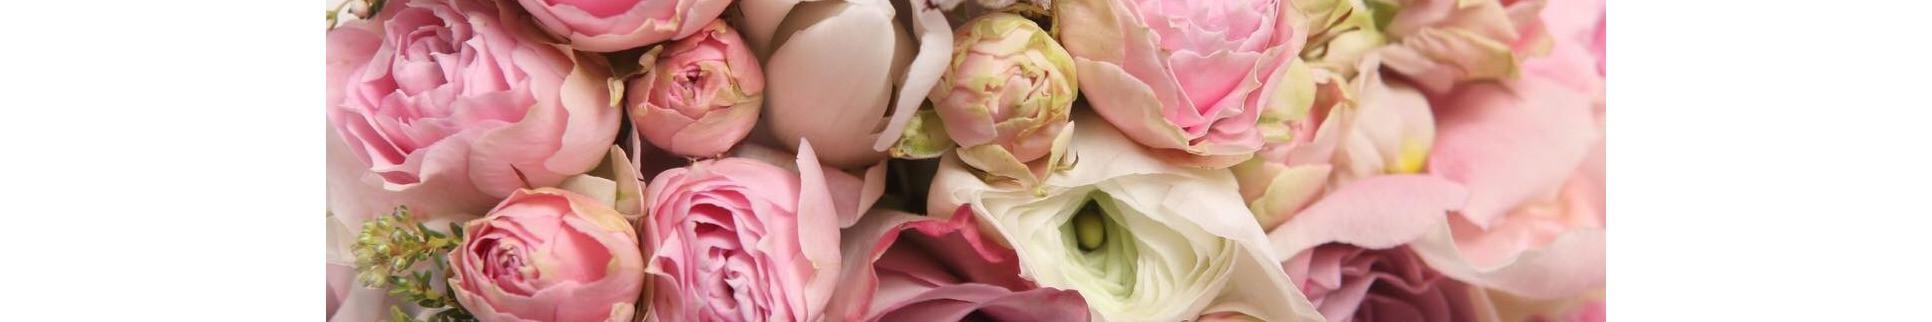 Цветы в Аликанте. Флорист